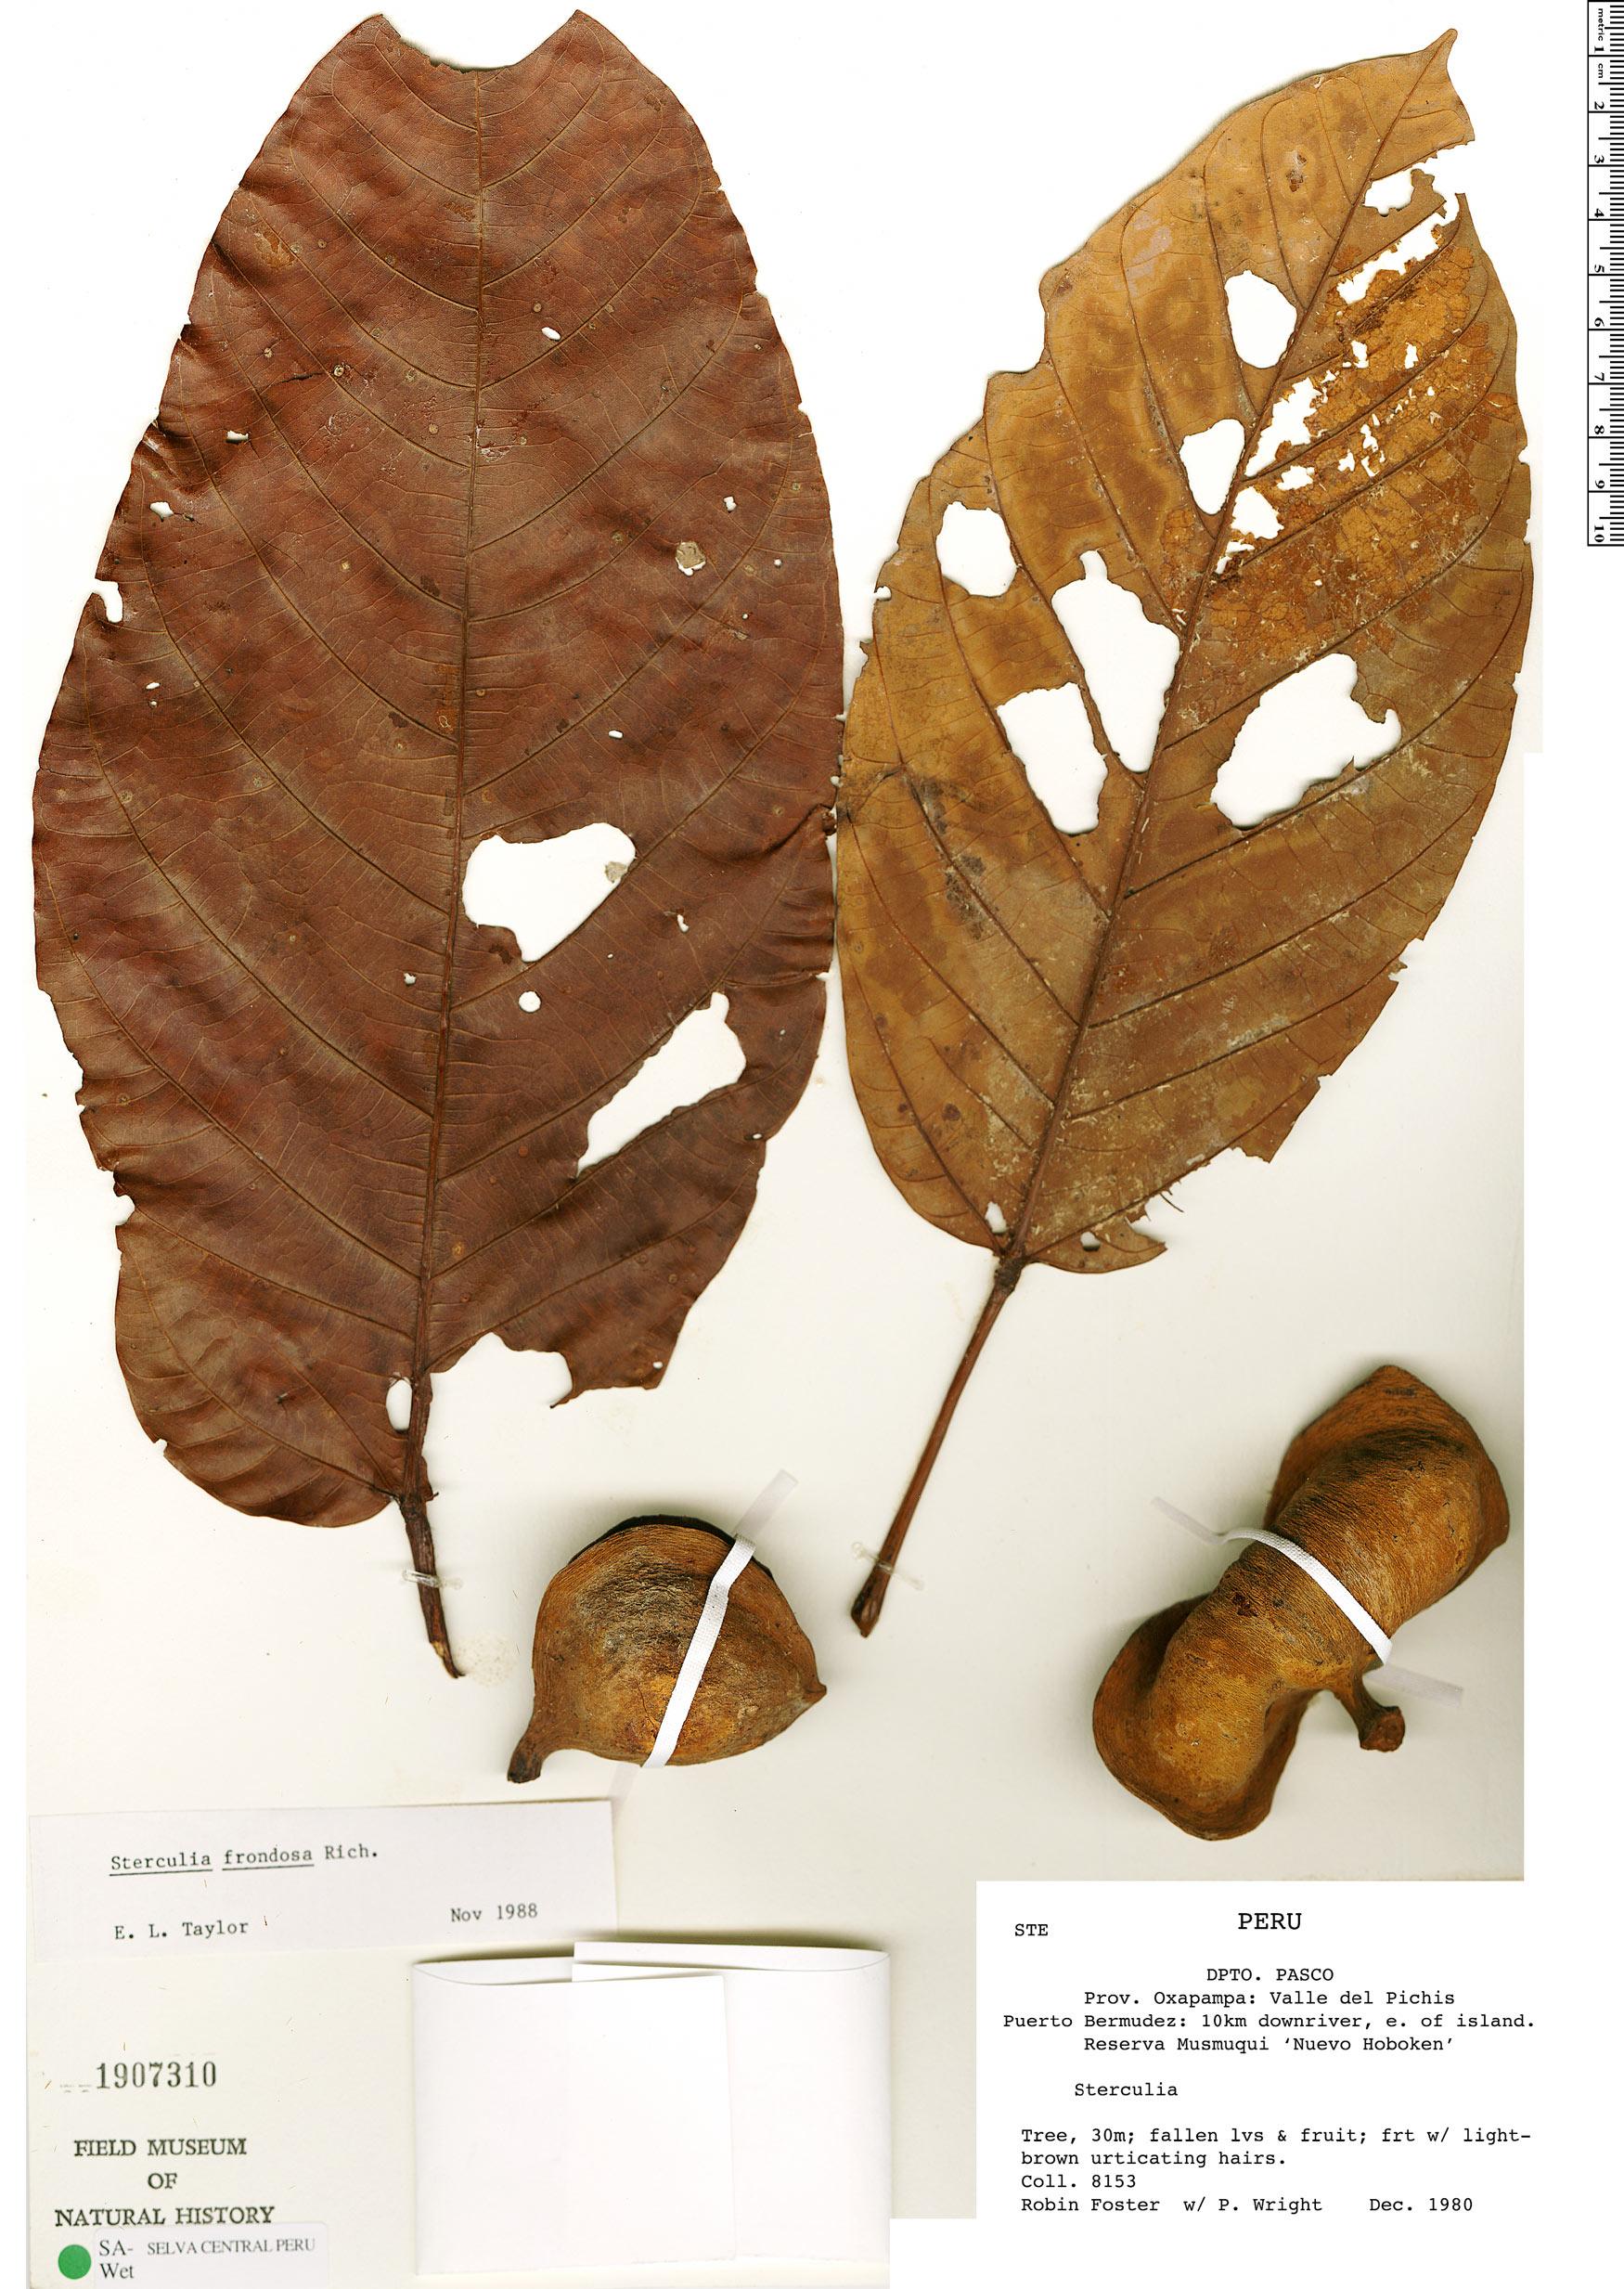 Specimen: Sterculia frondosa